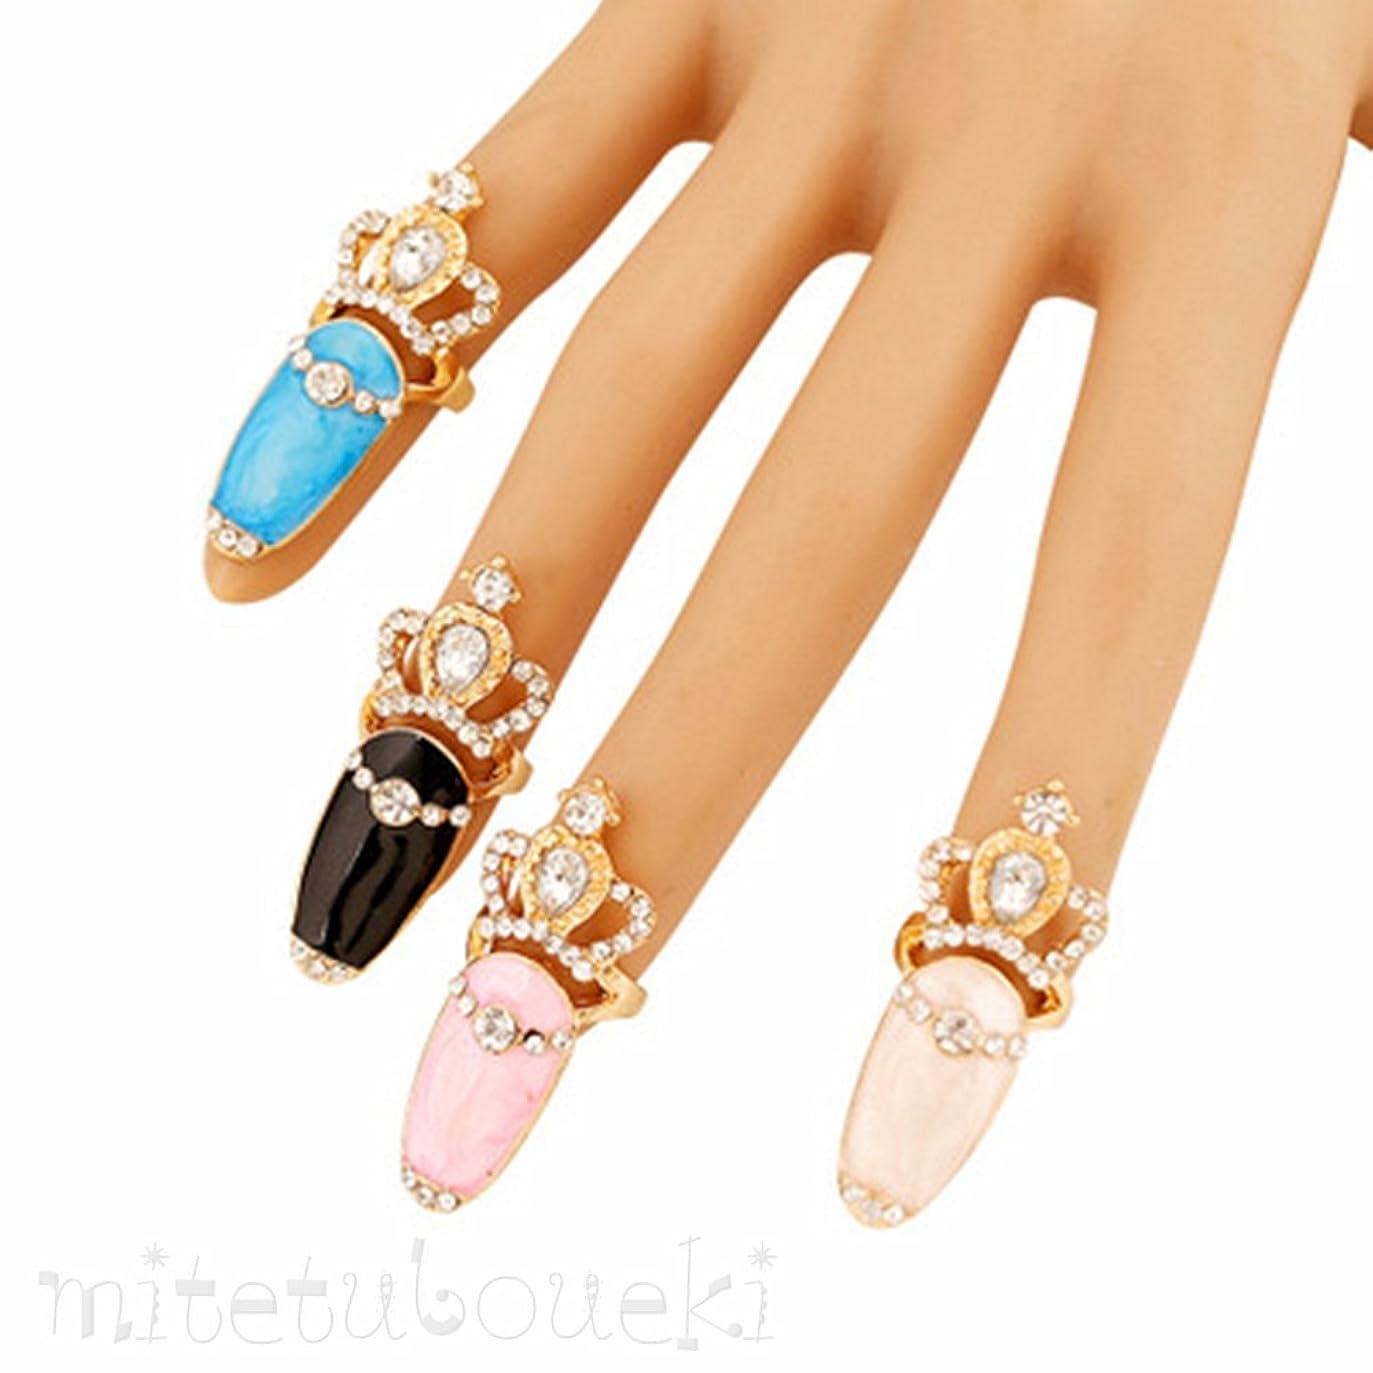 非互換違反するパンmitetuboueki オシャレ キラキラ ネイルリング ジュエリー 爪の指輪 ネイルチップ リング アクセサリー レディース ファッション 小物 x43 (ブルー)